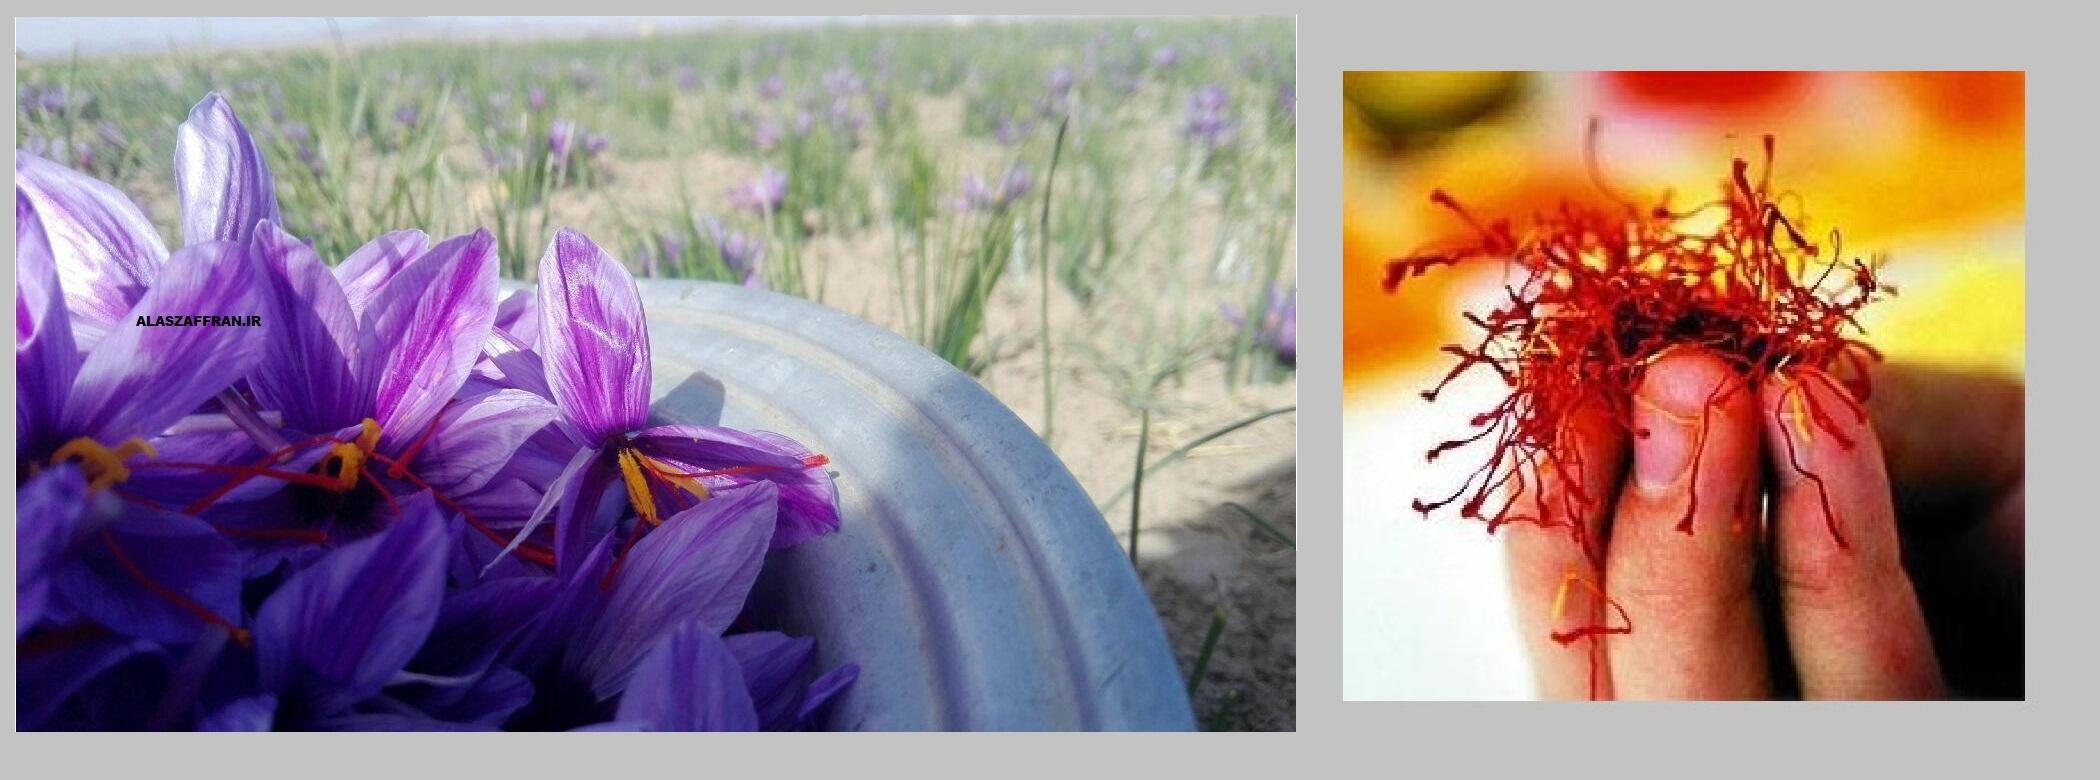 کاشت زعفران و زعفران صادراتی